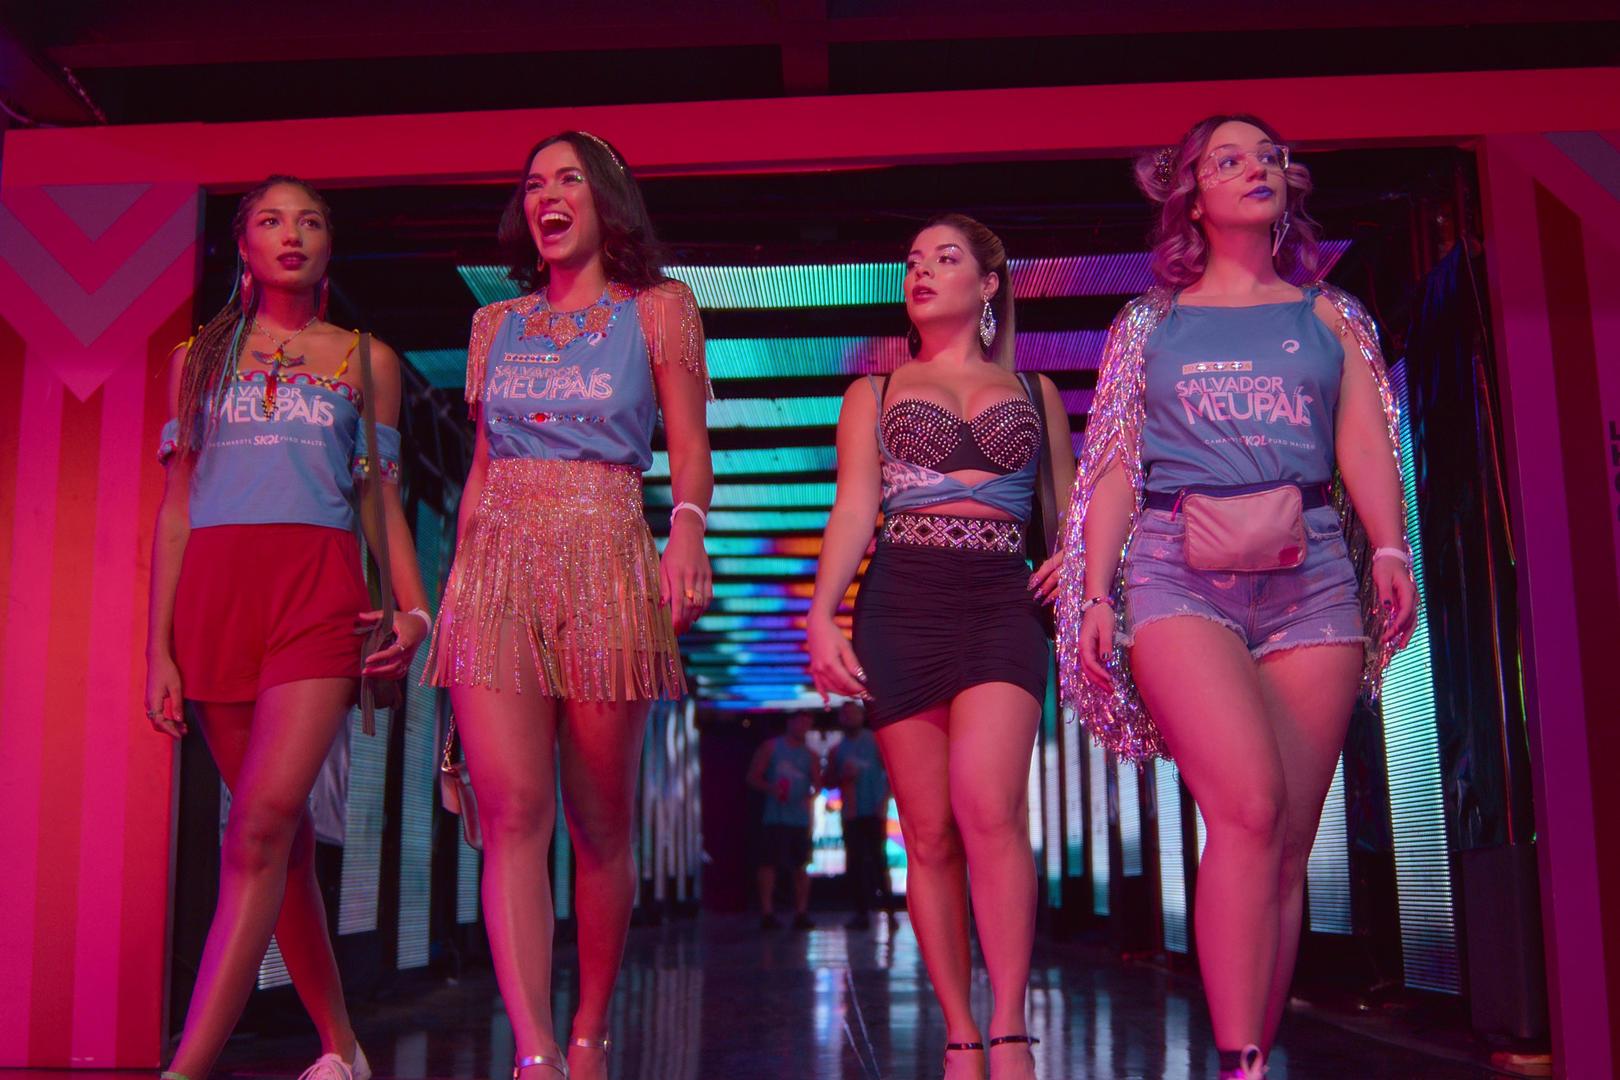 Filmes nacionais e nova temporada de Elite são destaques de Junho na Netflix